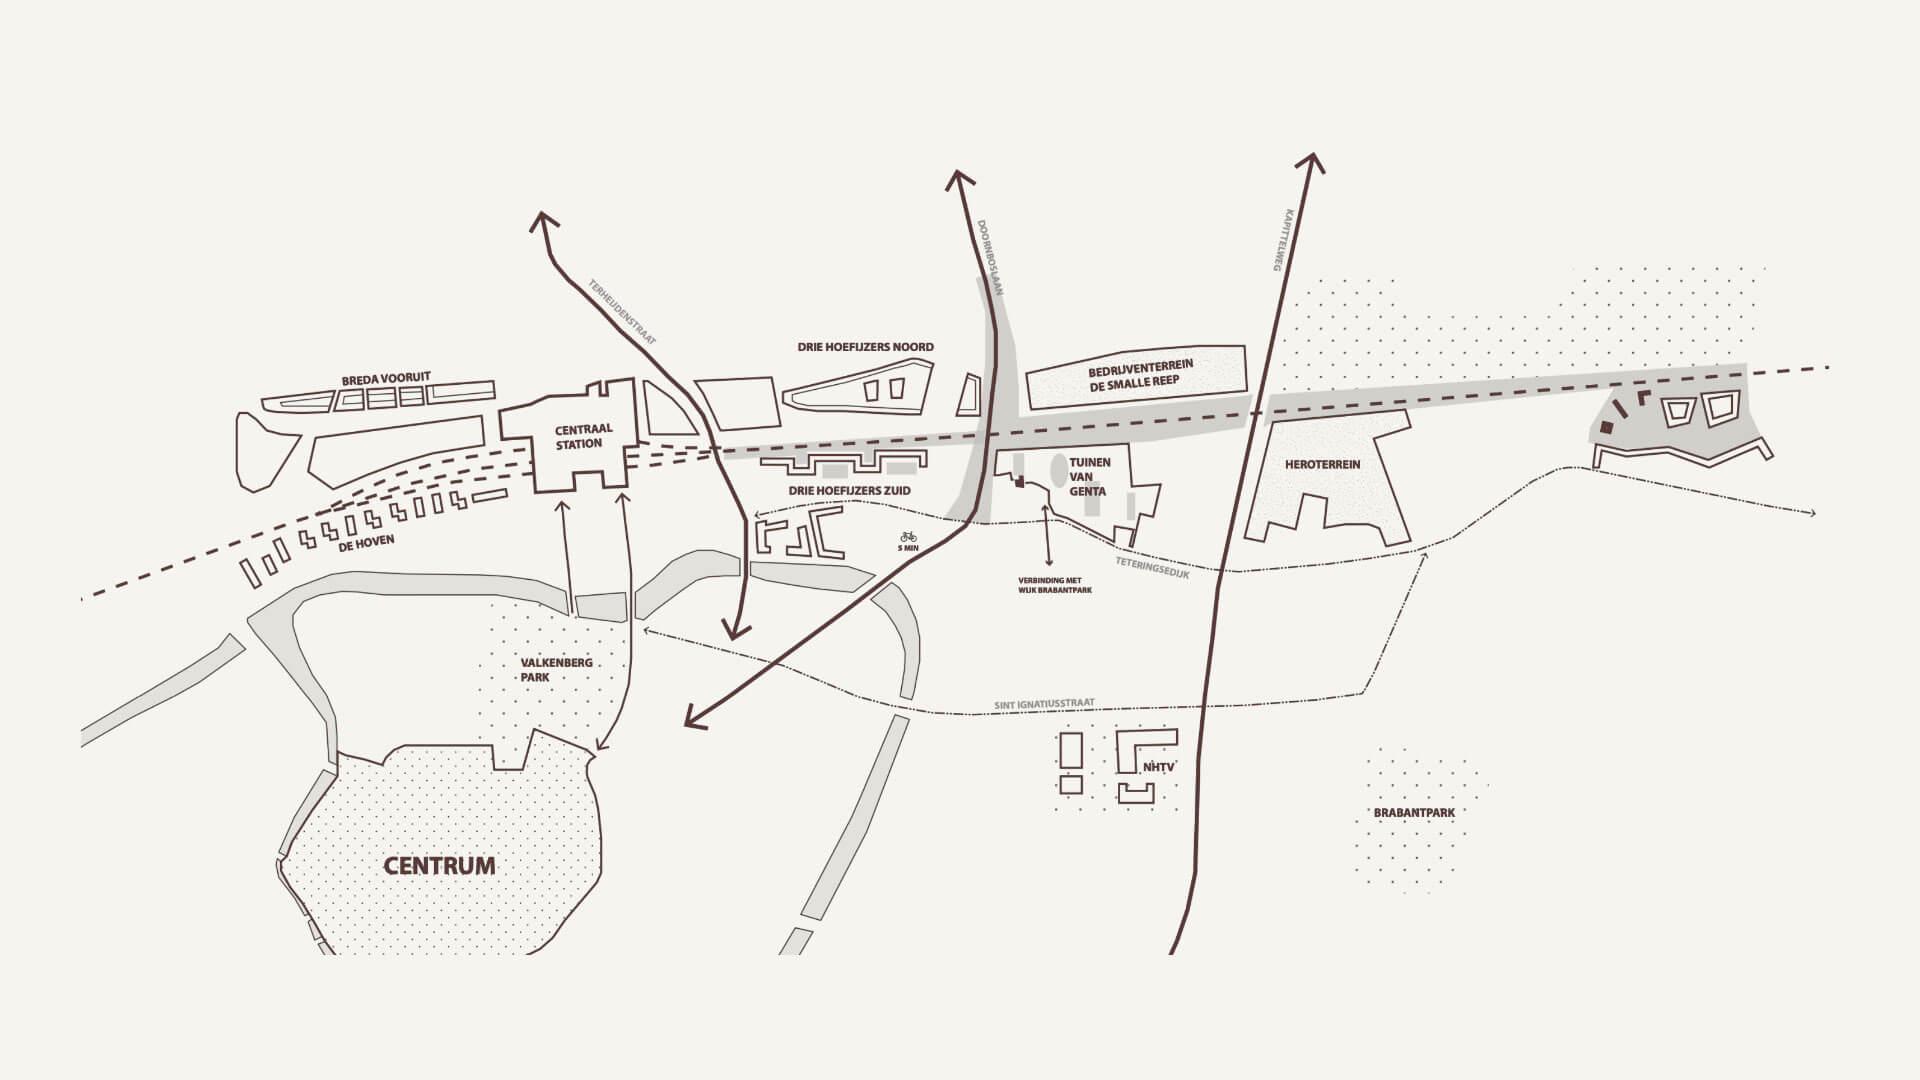 Nieuwbouw - Tuinen van Genta - locatiekaart